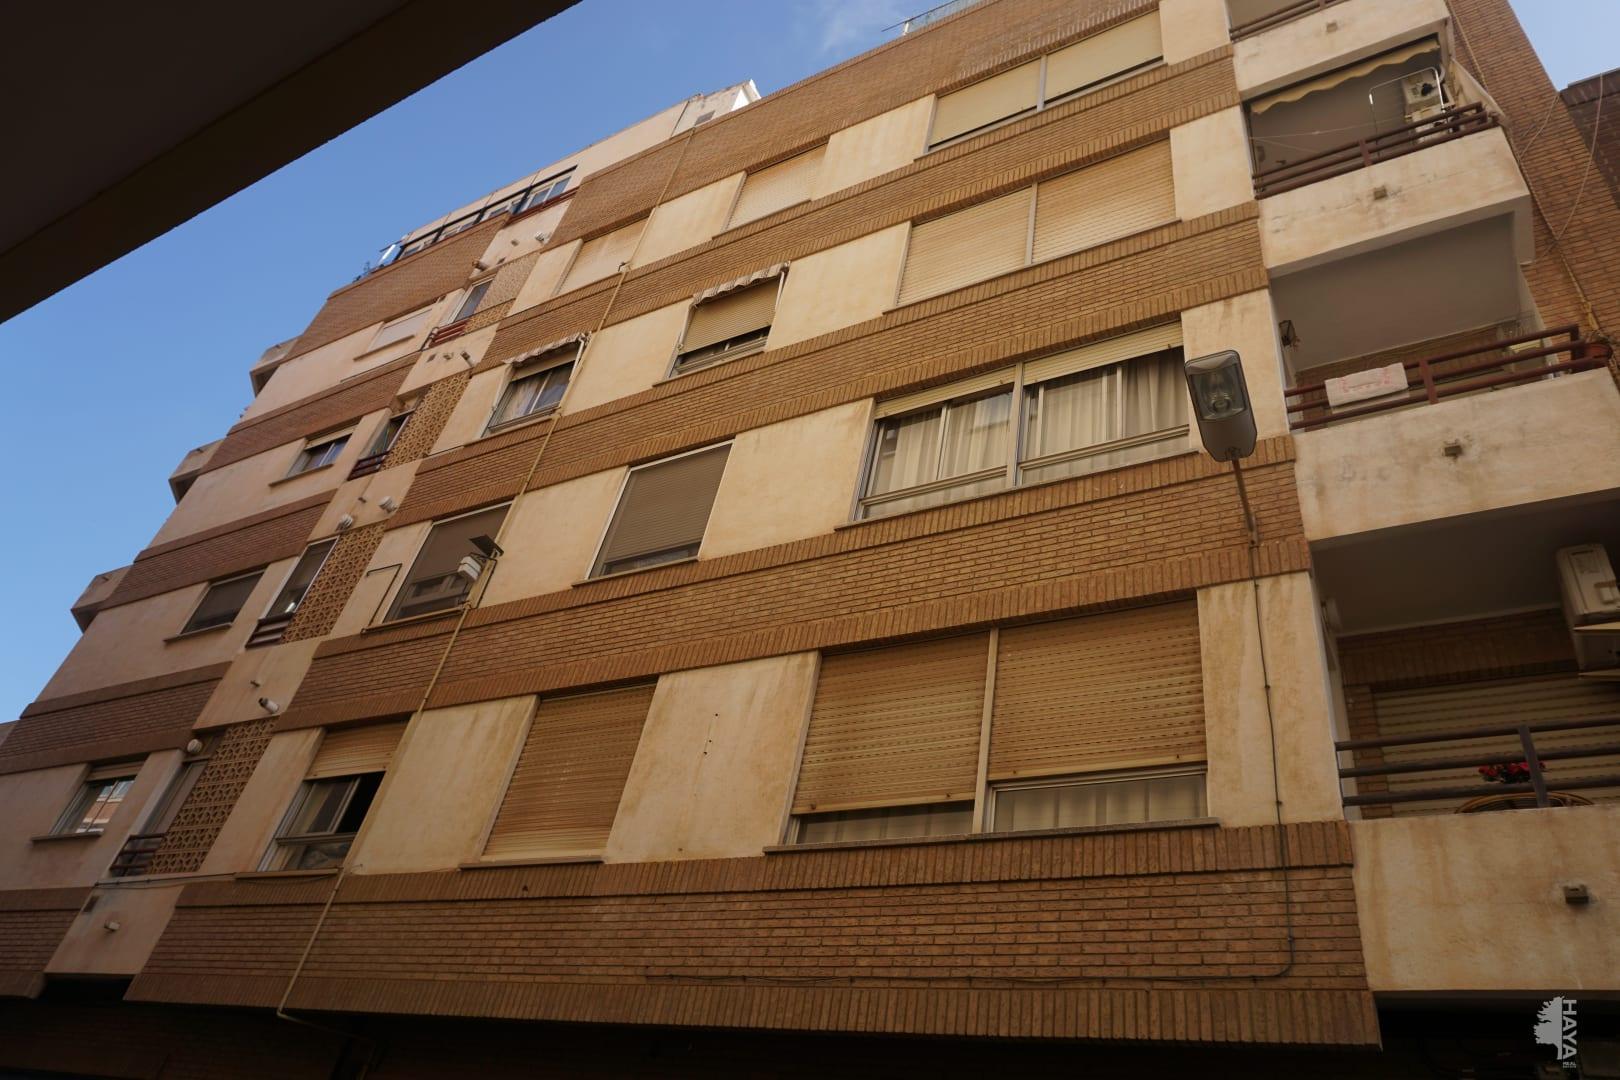 Piso en venta en Poblados Marítimos, Burriana, Castellón, Calle Mitja Galta, 64.400 €, 4 habitaciones, 1 baño, 112 m2